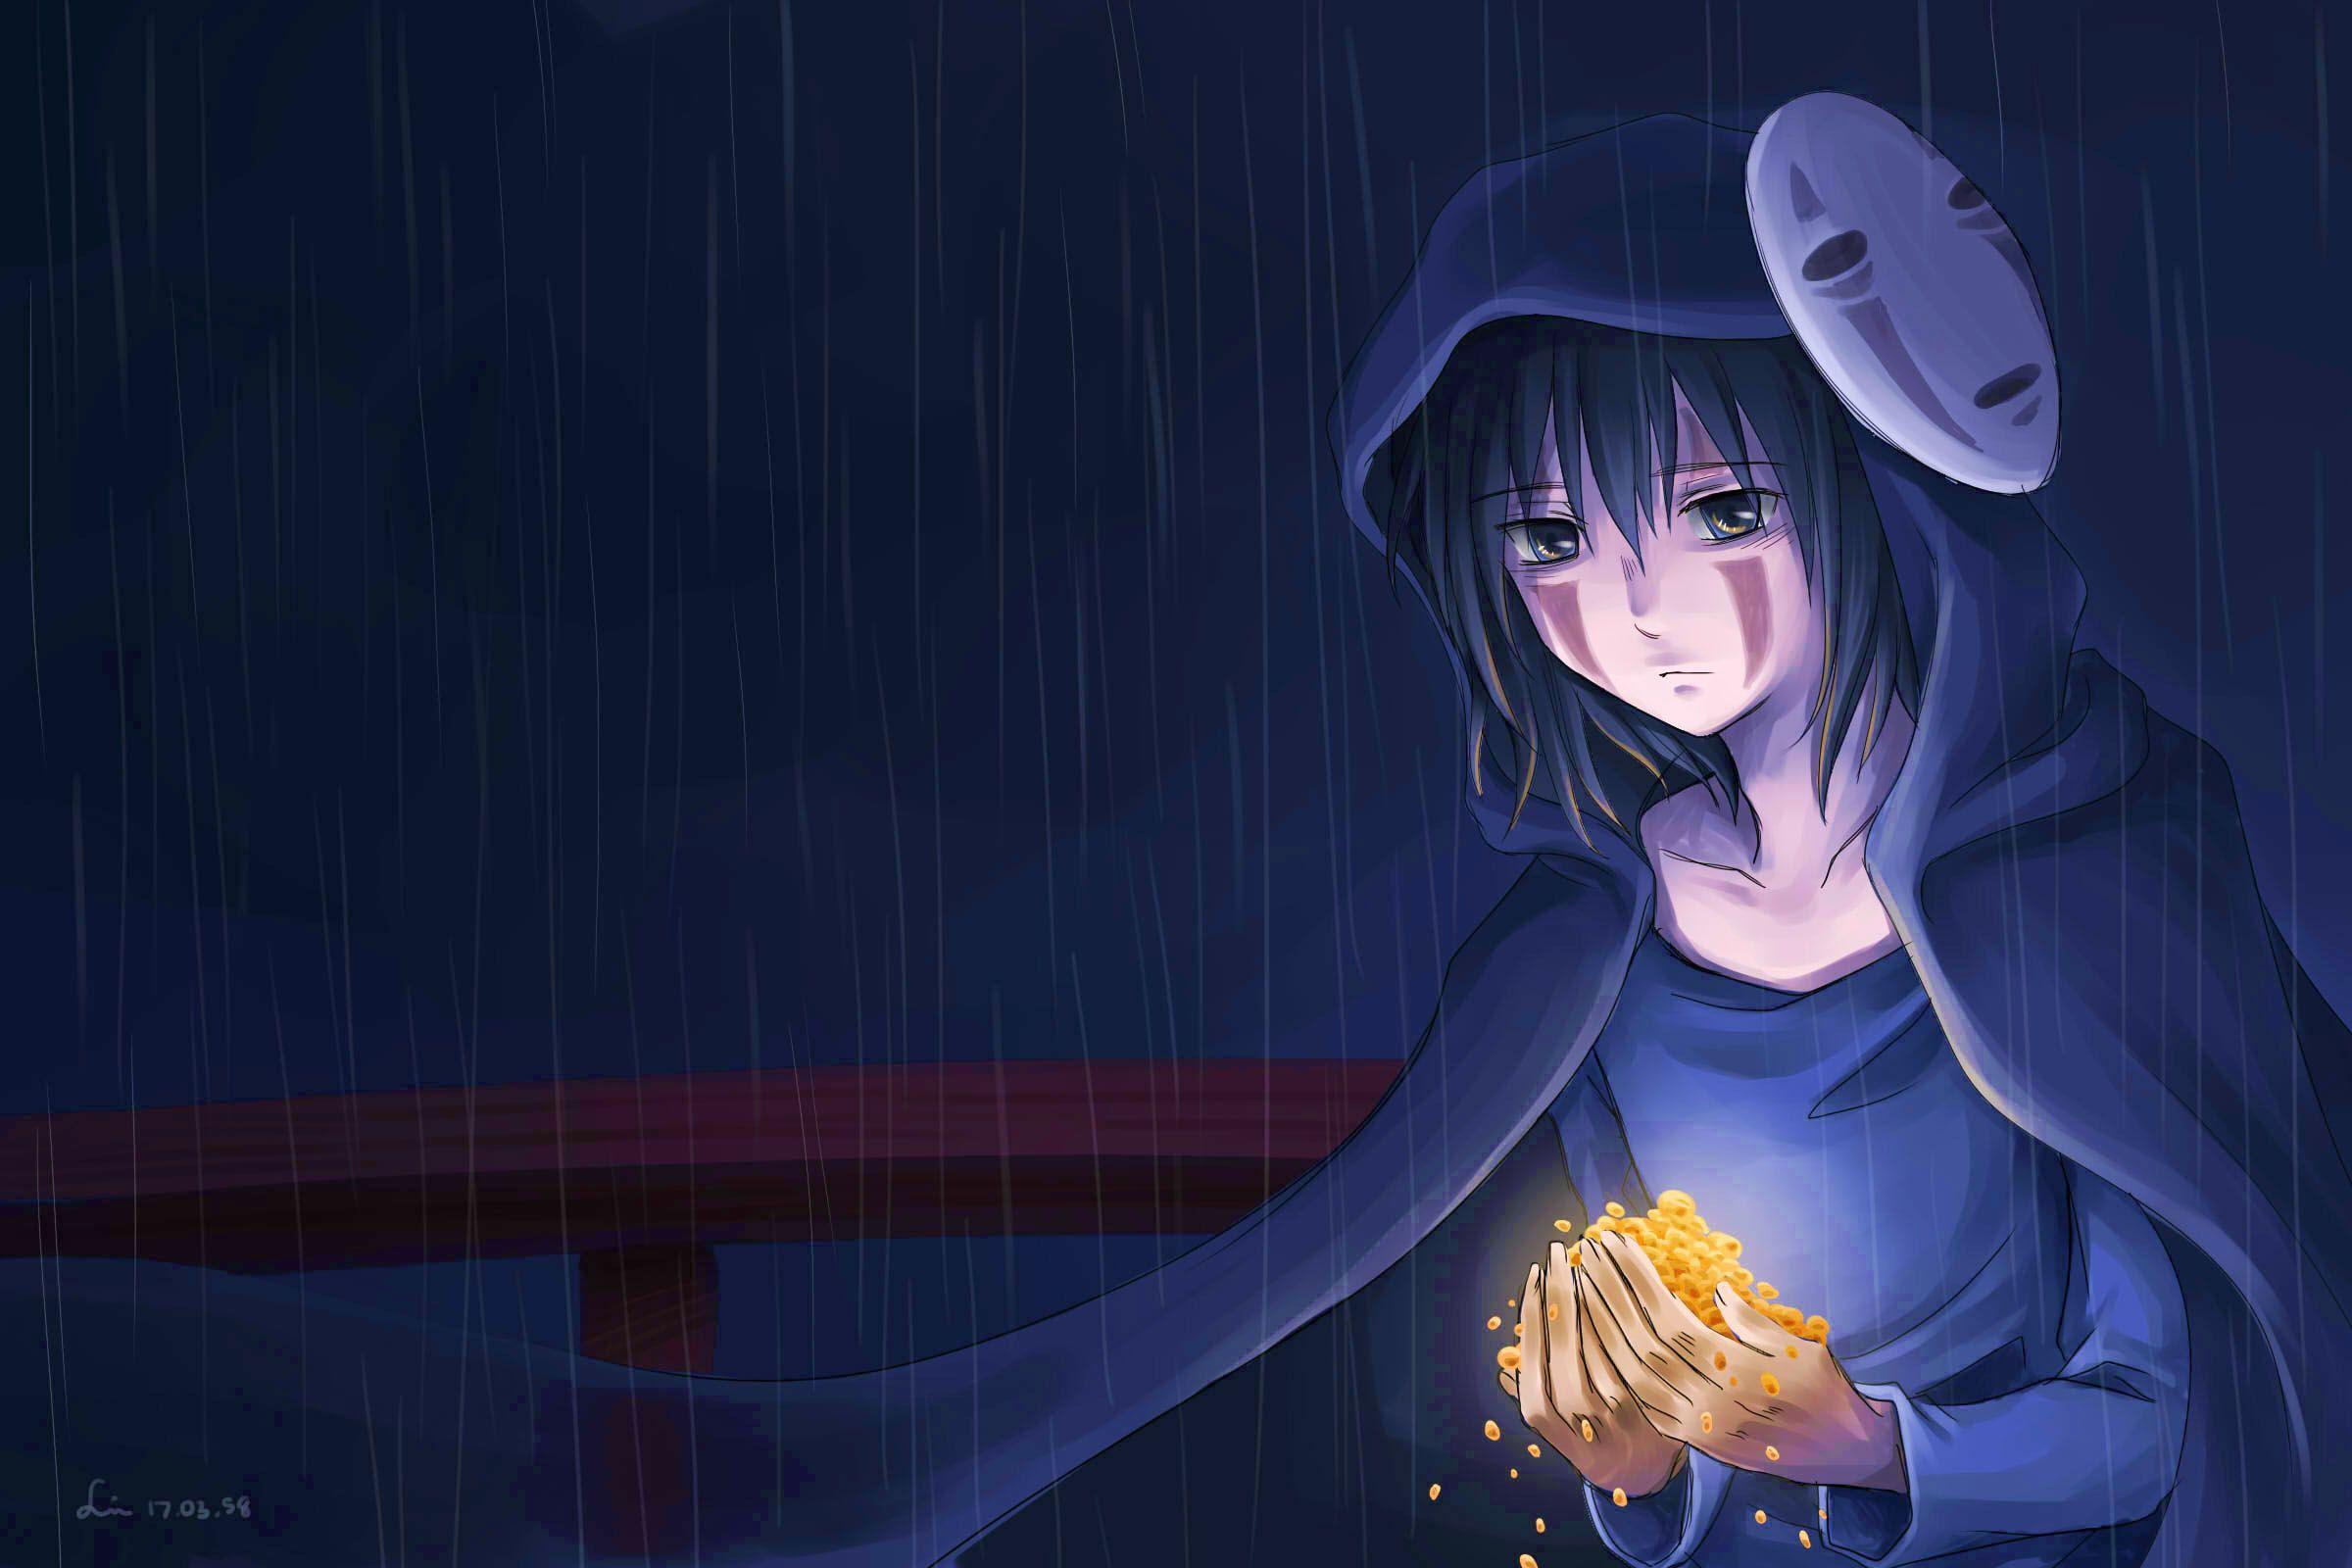 カオナシ 雨の夜 Linin Pixiv Studio Ghibli Anime Ghibli